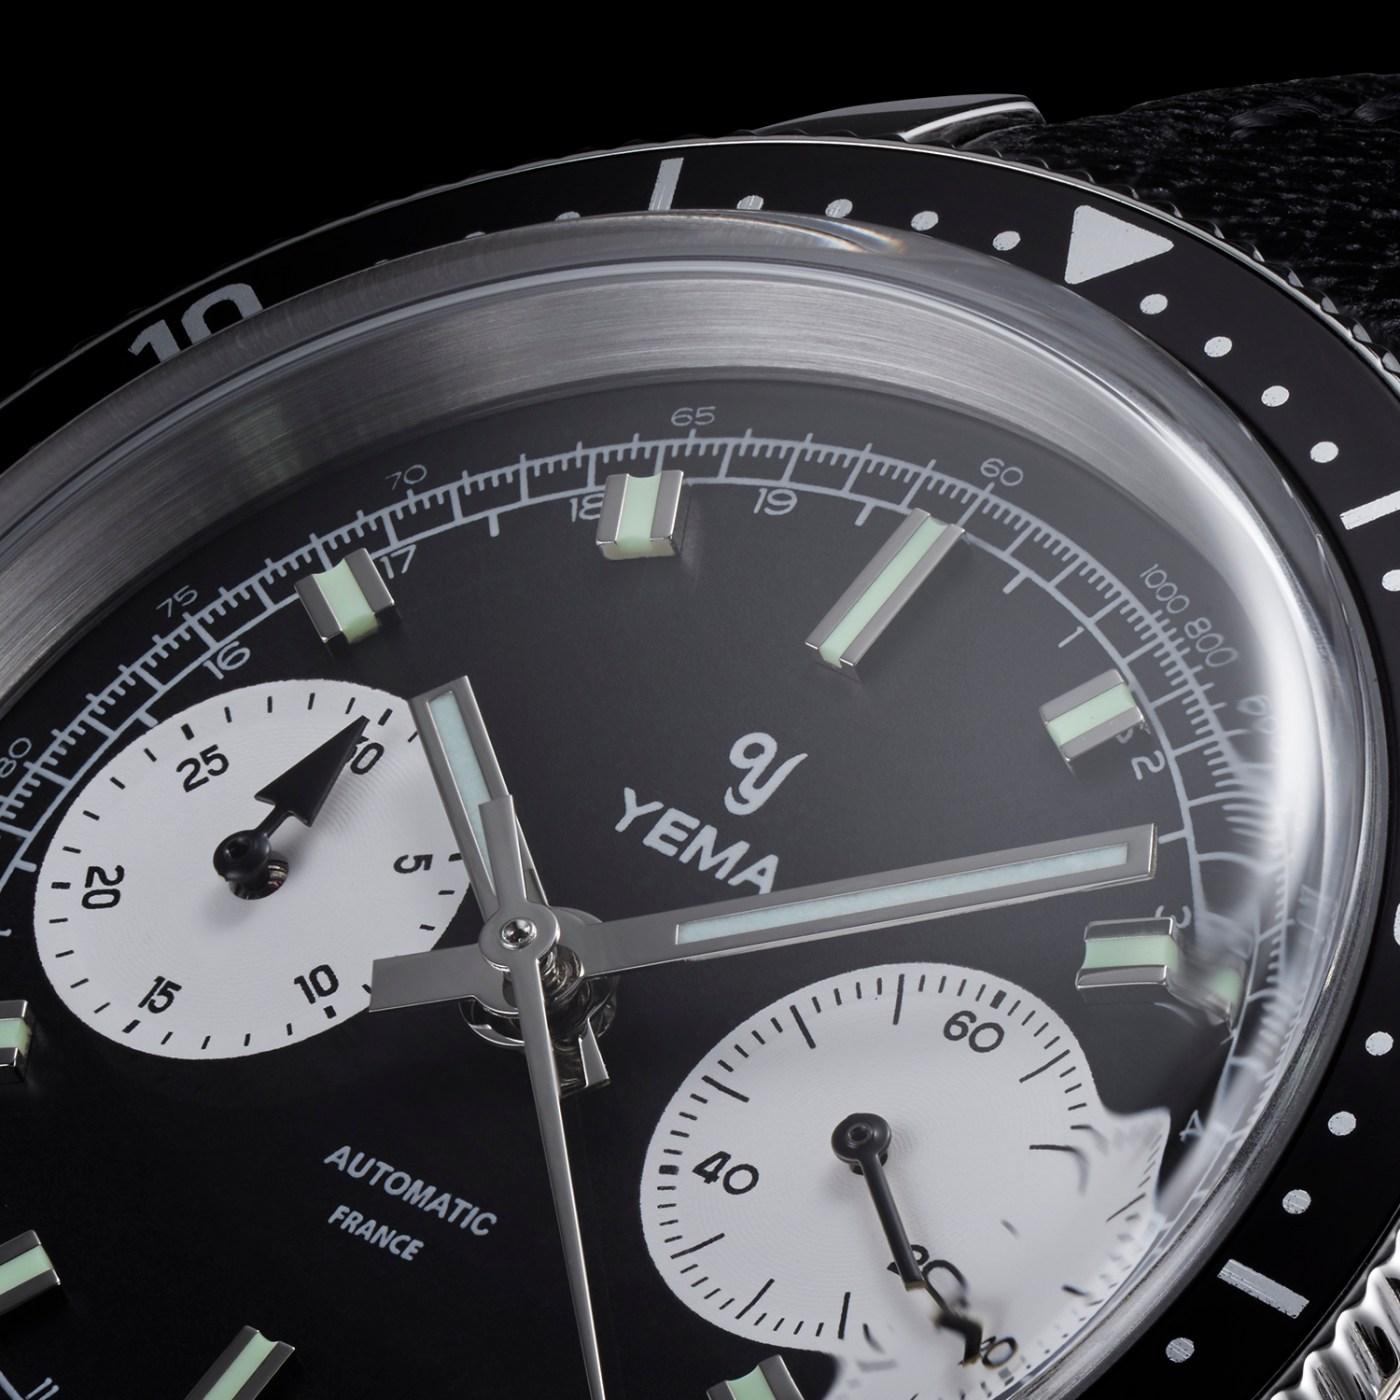 Yema Speedgraf crystal shot